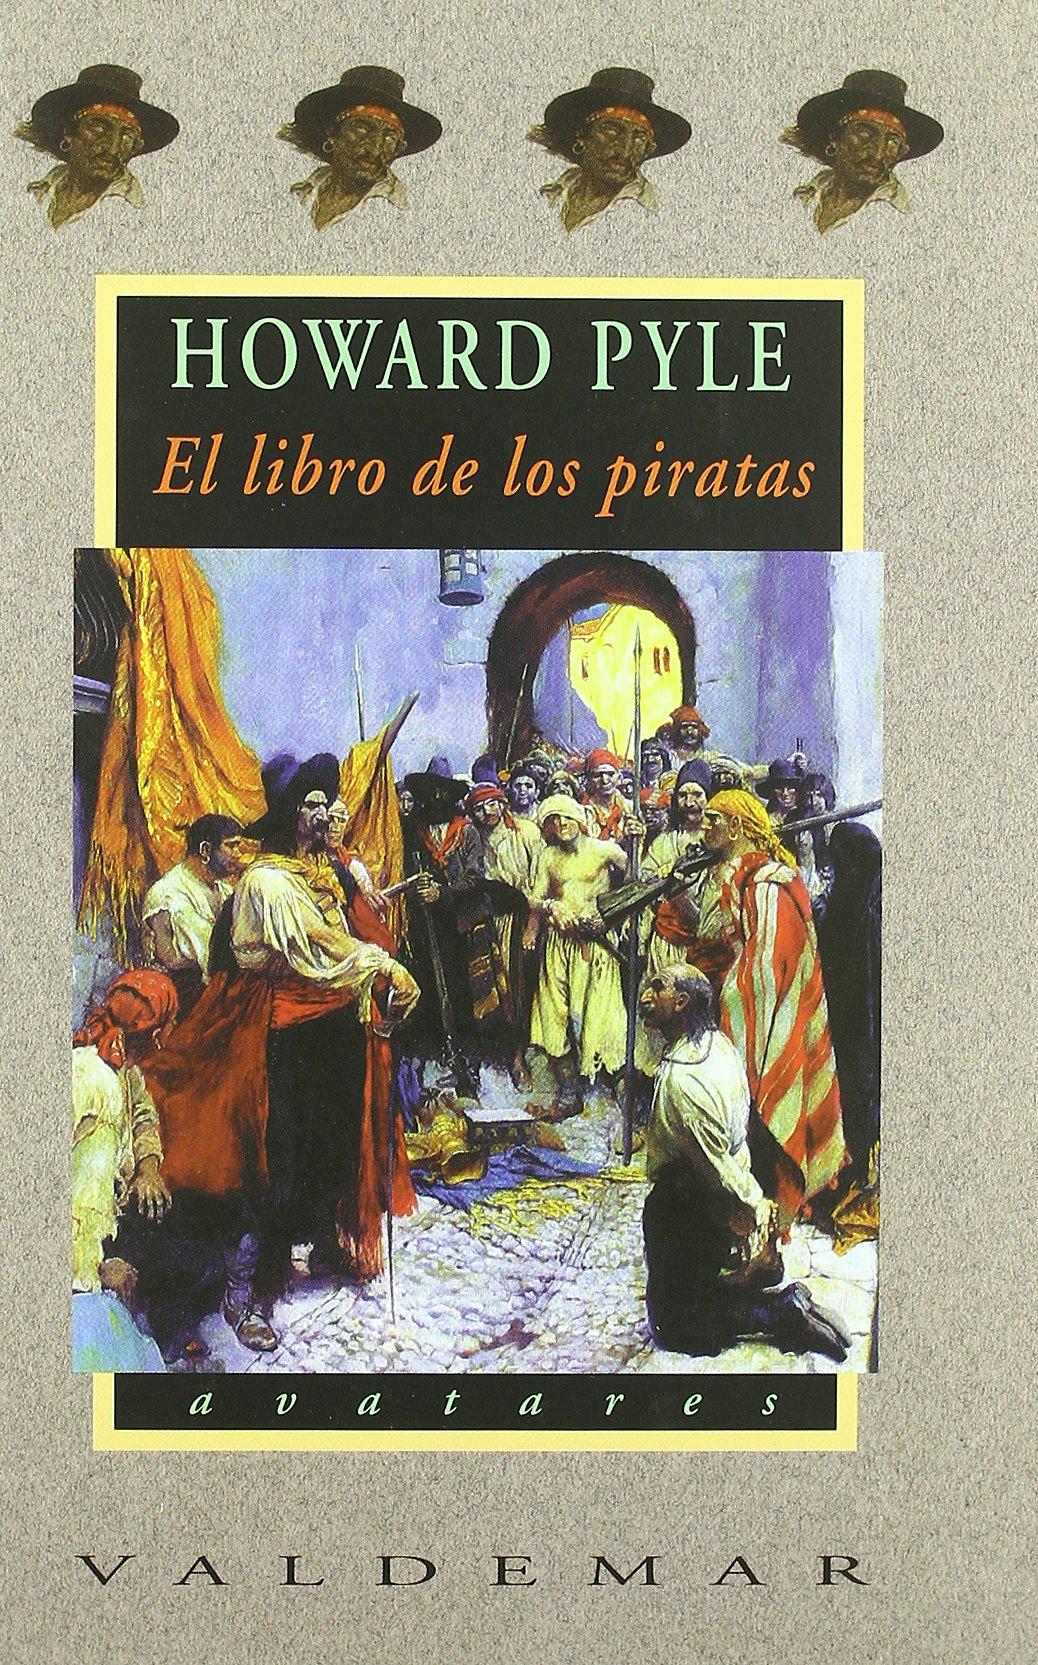 Resultado de imagen para el libro de los piratas howard pyle